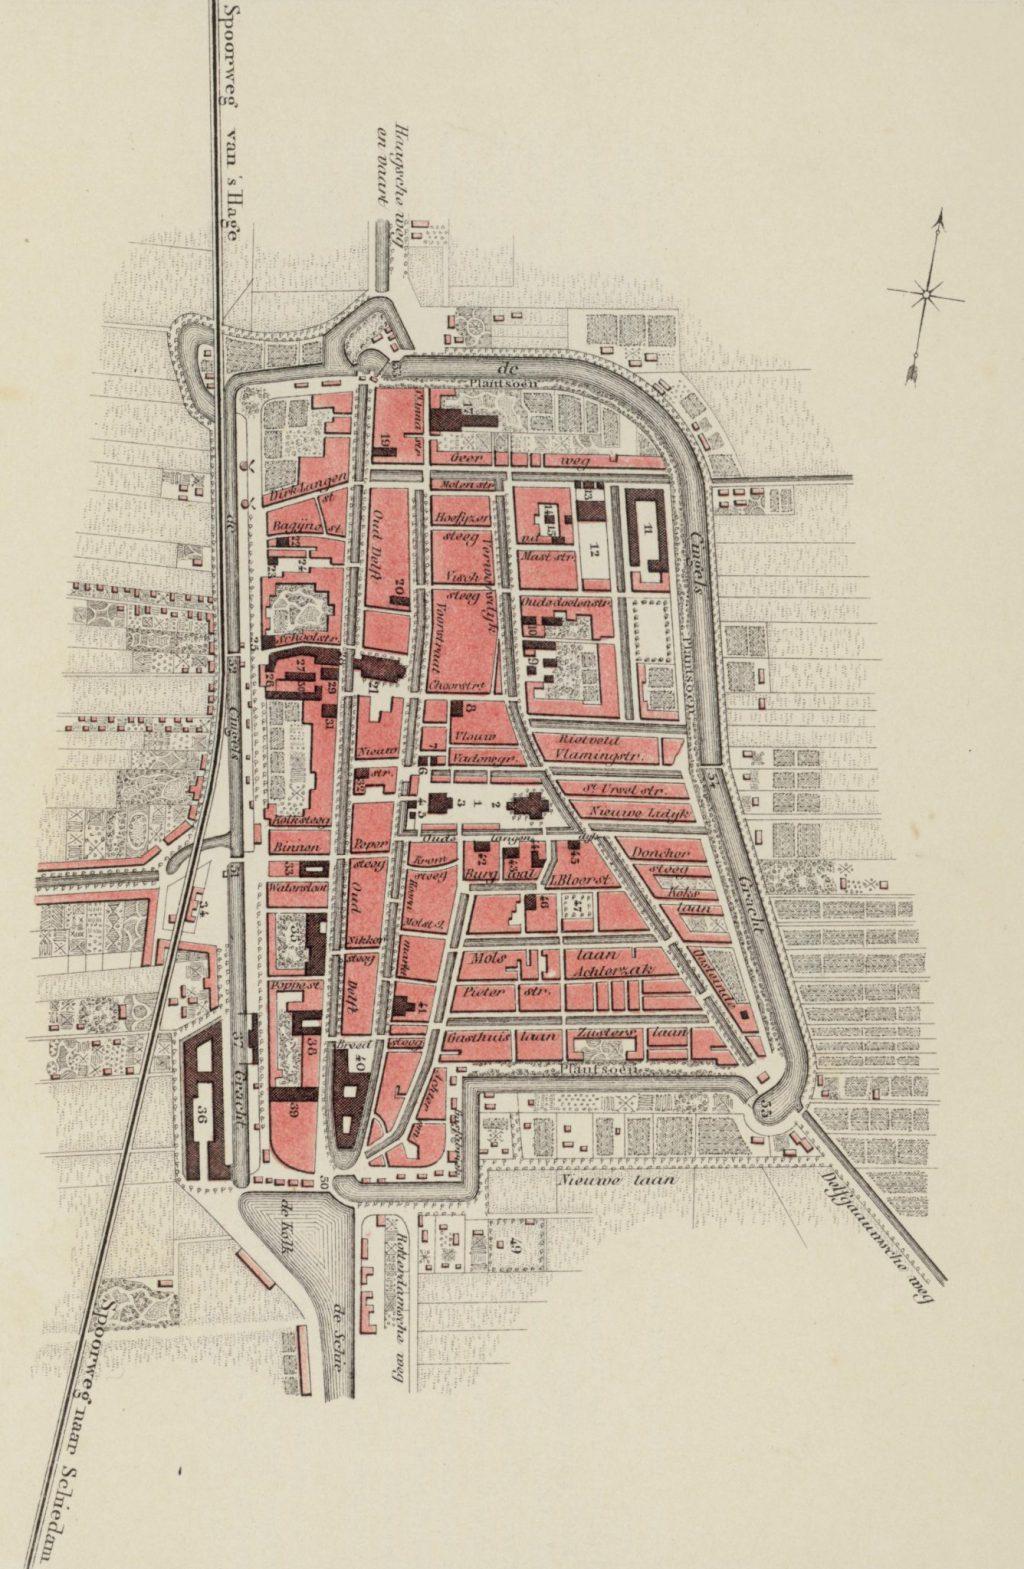 Plattegrond van Delft, Samuel Lankhout & Co naar een tekening van C.K. de Geus, 1858 (TMS 11211)